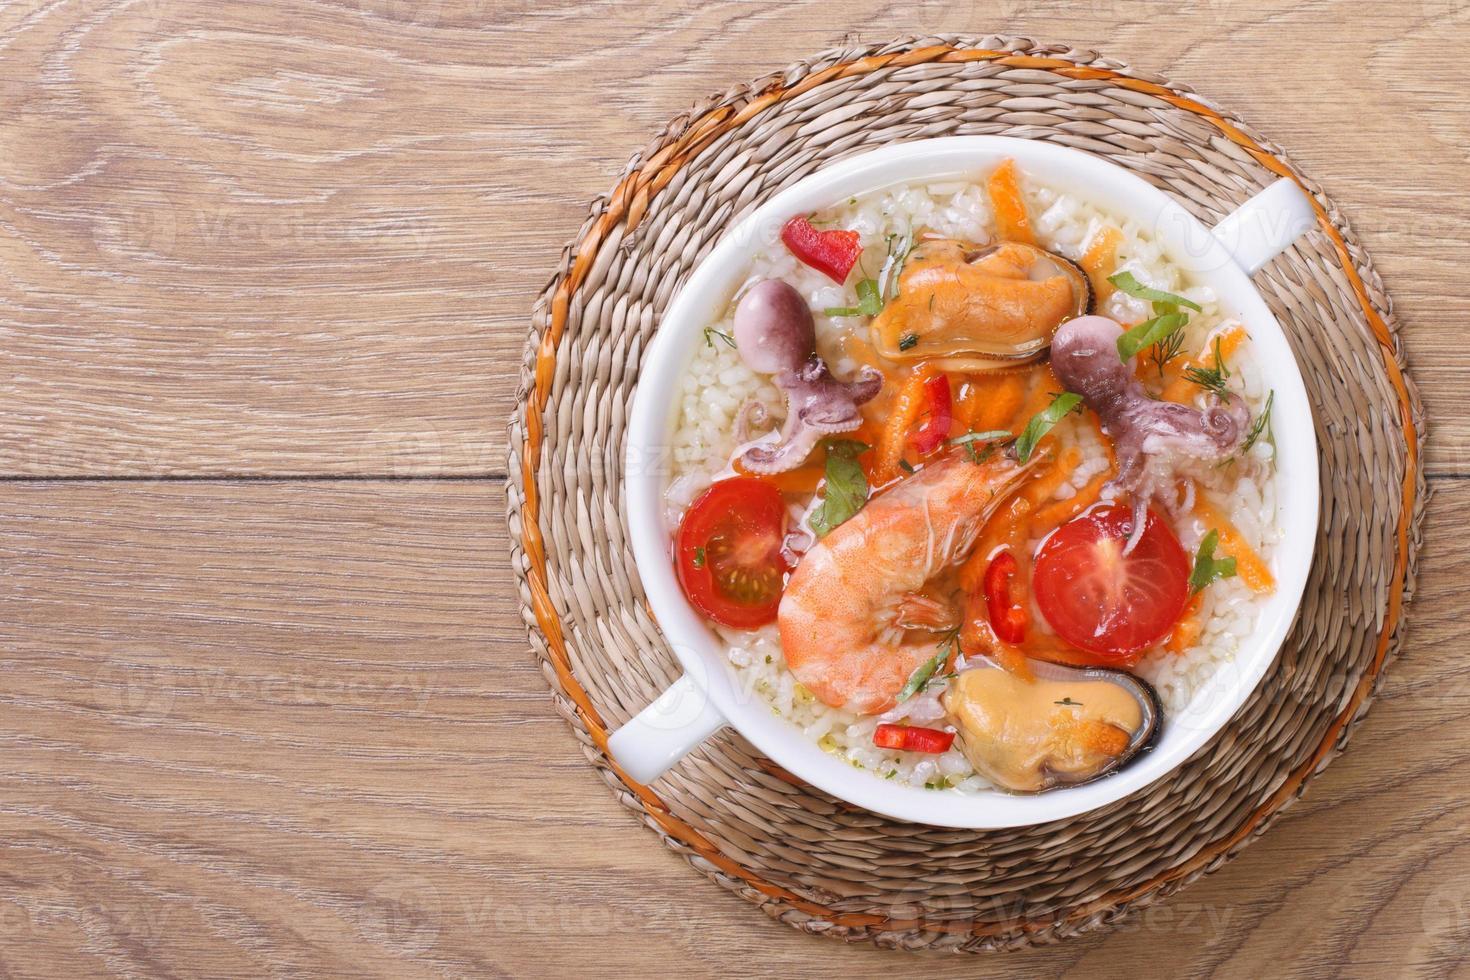 zuppa di riso con frutti di mare sul tavolo vista ravvicinata del primo piano foto